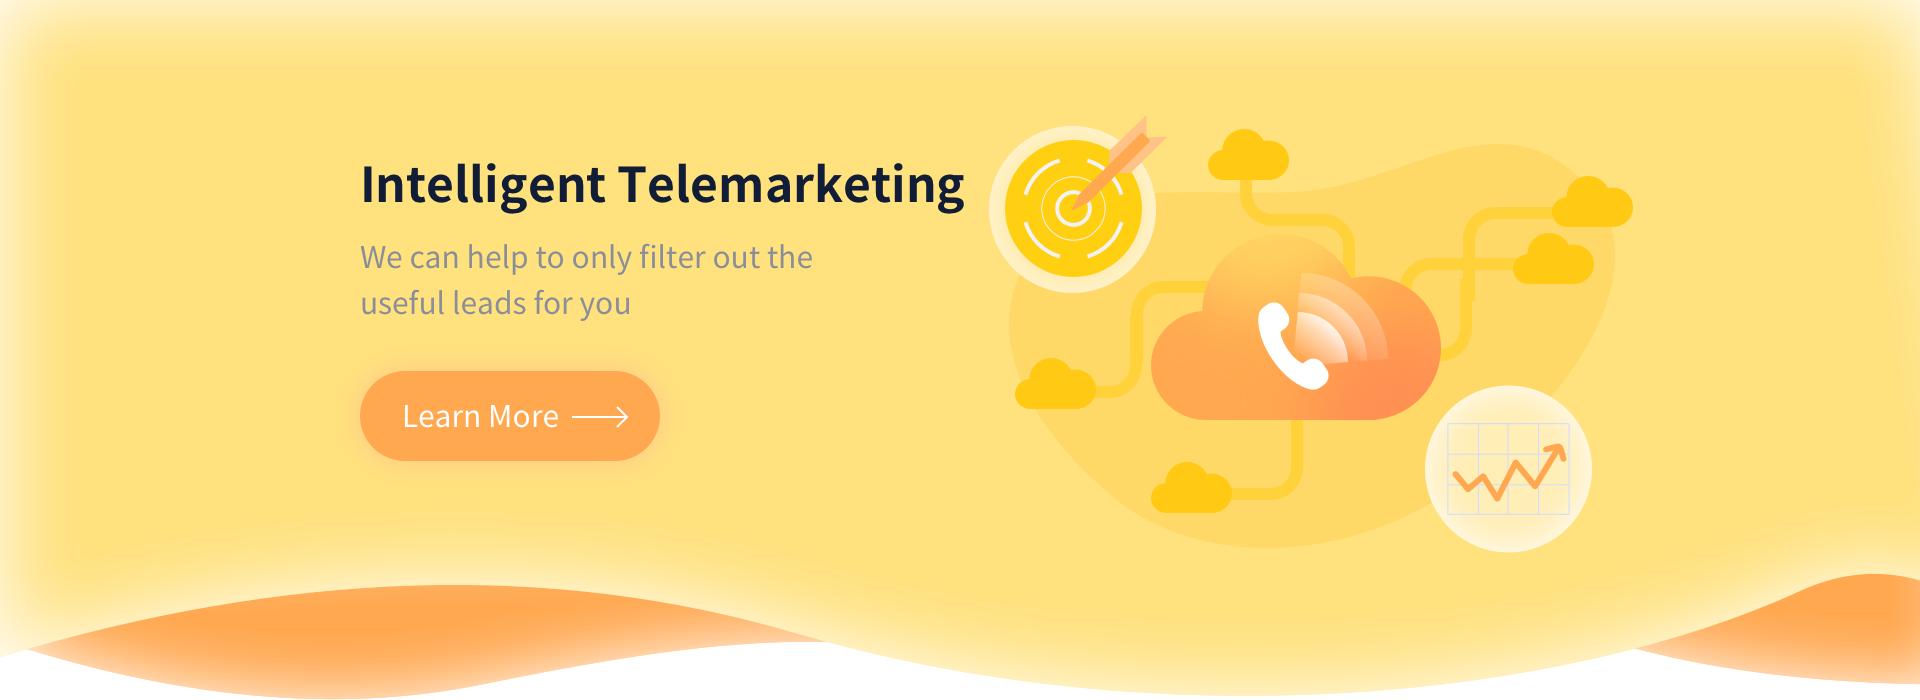 intelligent telemarketing